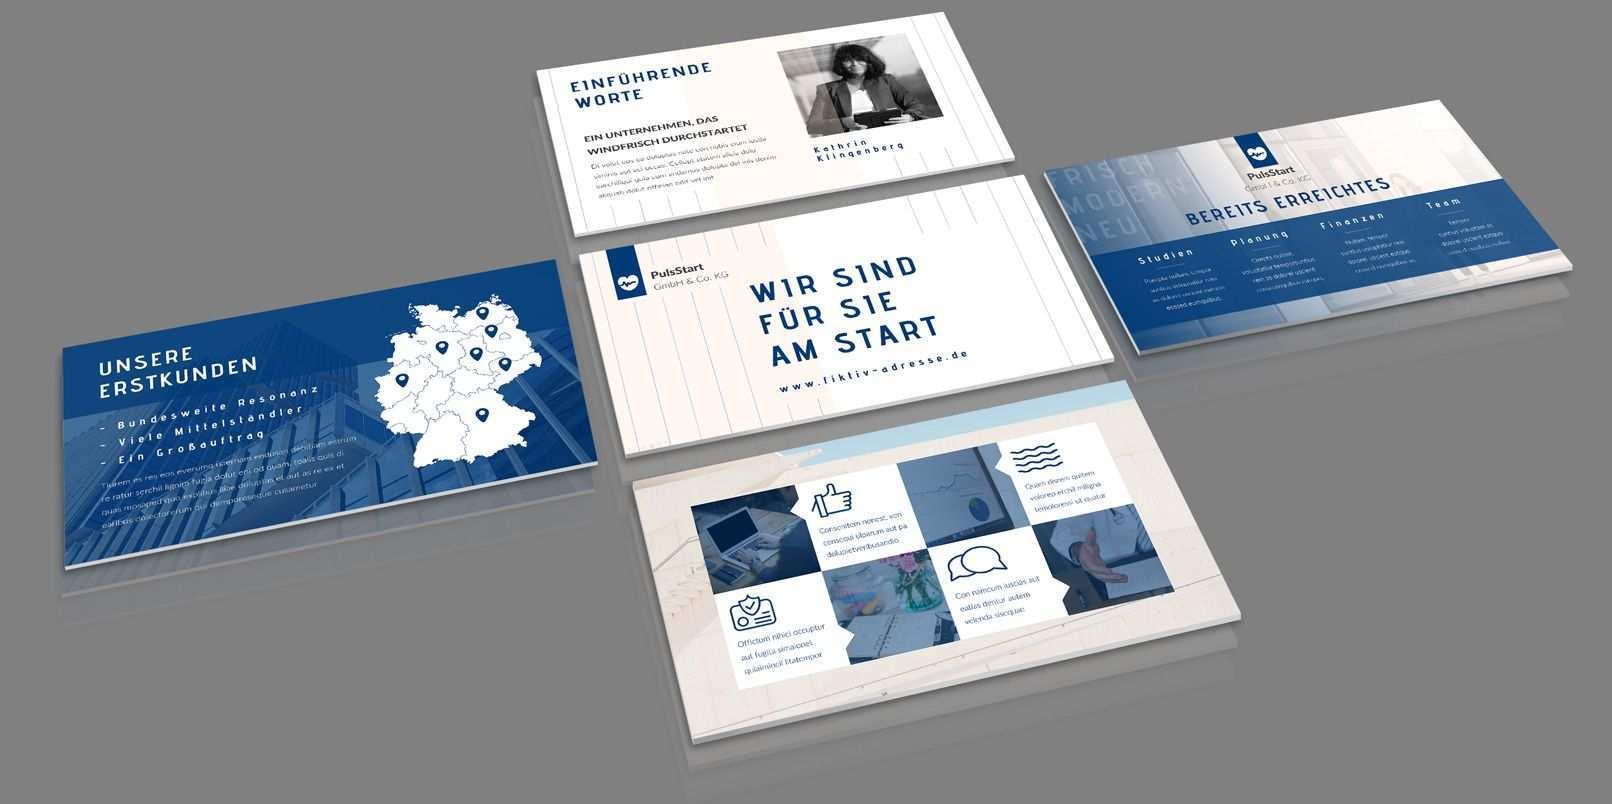 Prasentationsvorlagen Fur Powerpoint Layouts Fur Designstarke Folien Power Point Powerpoint Layout Vorlagen